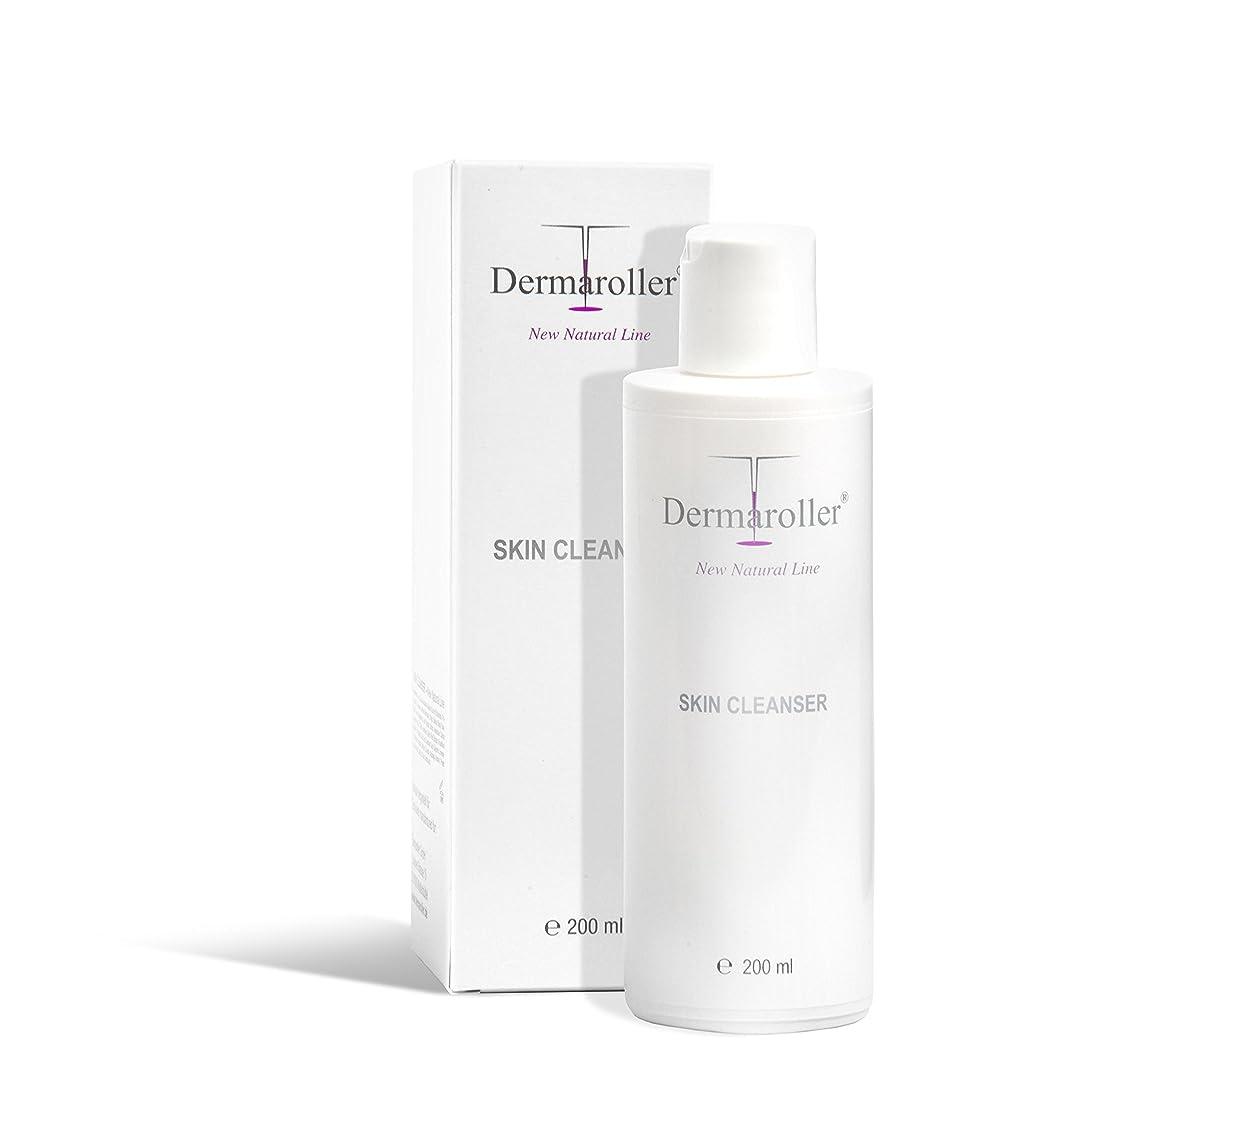 ツールインフルエンザ無視するDermaroller スキンクレンザー 200ml [ヤマト便] [Dermaroller]SkinCleanser